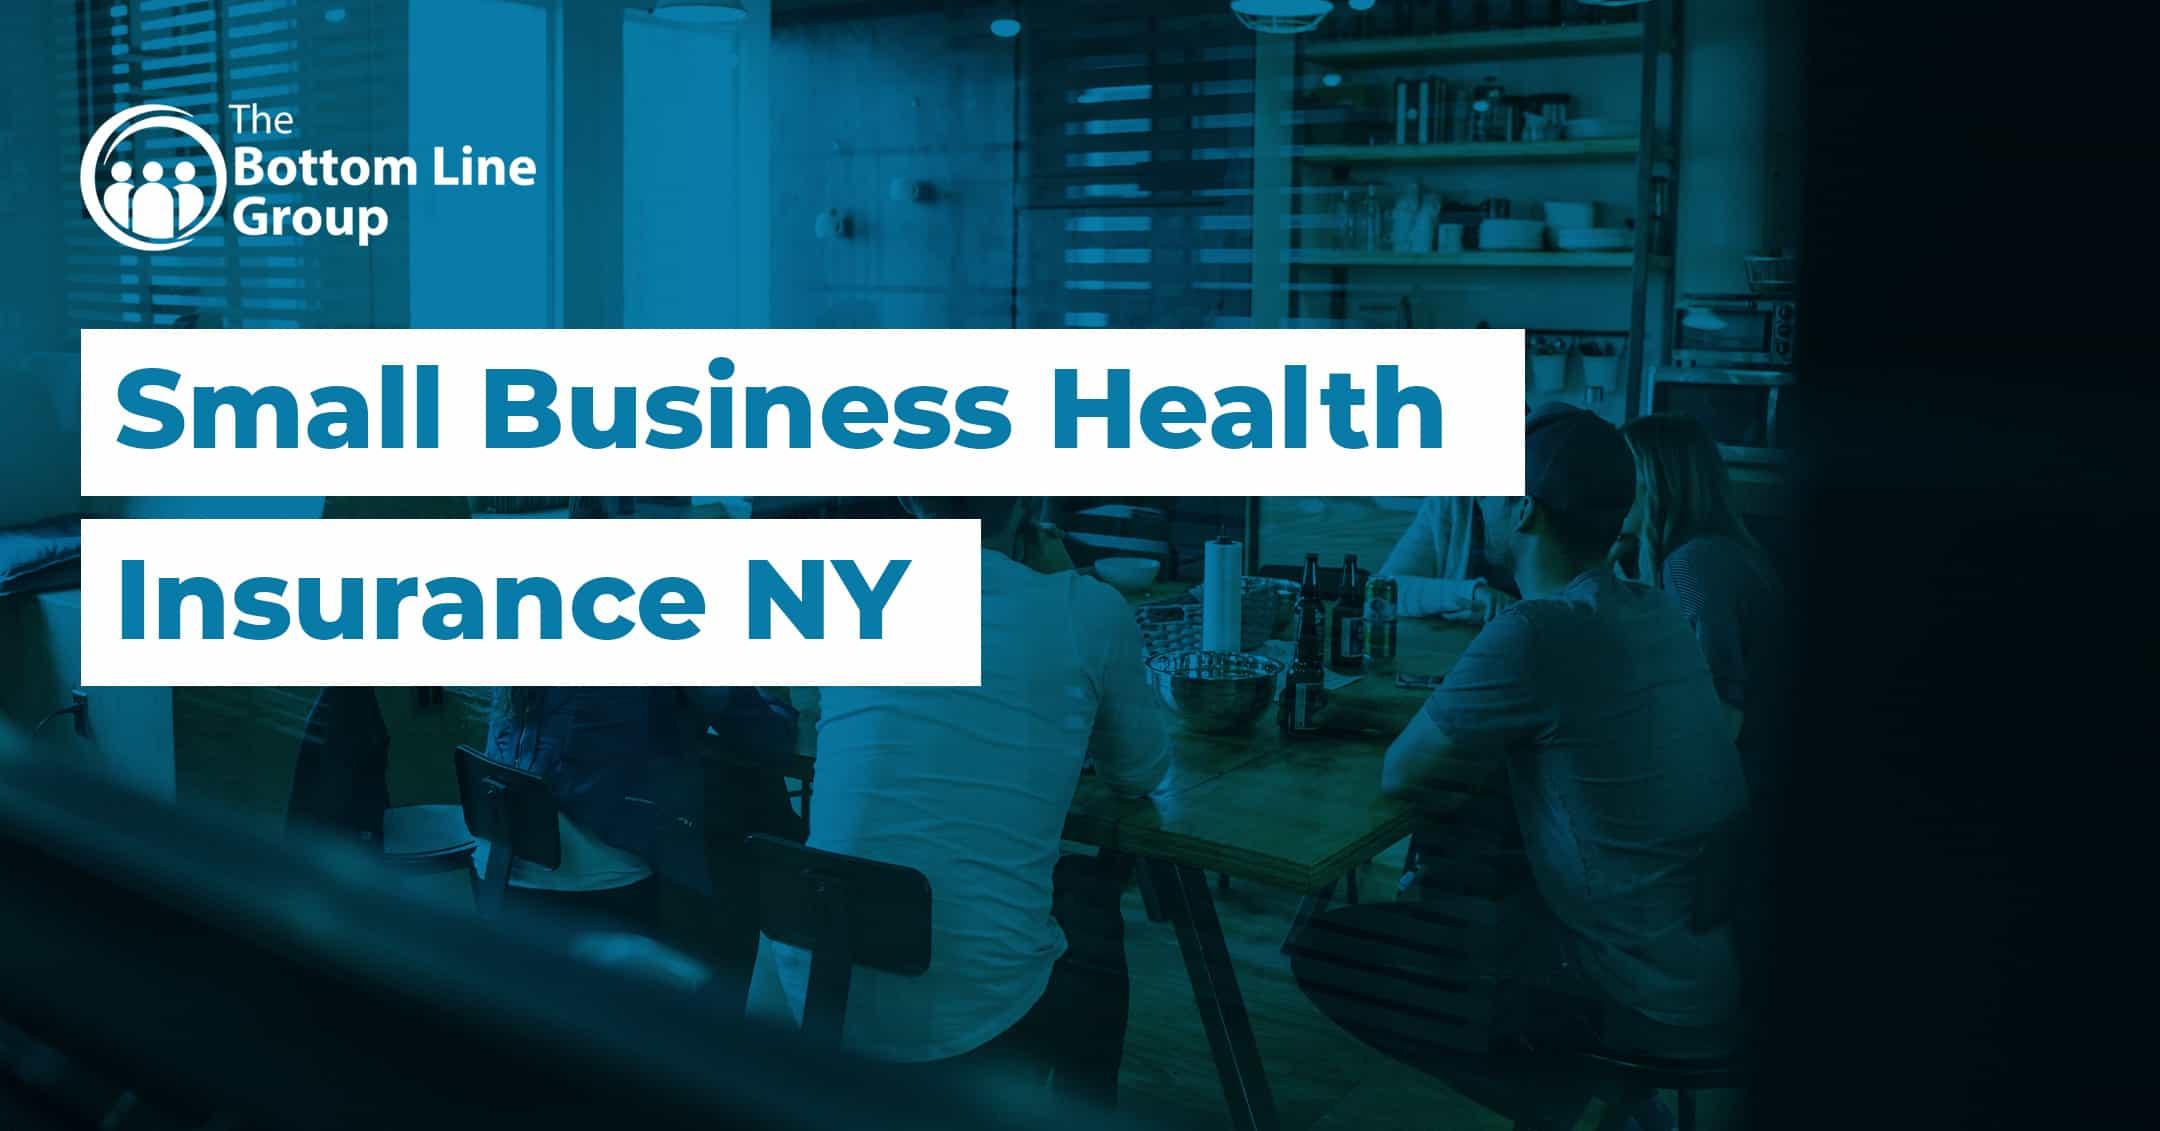 55-(Small-Business-Health-Insurance-NY)1